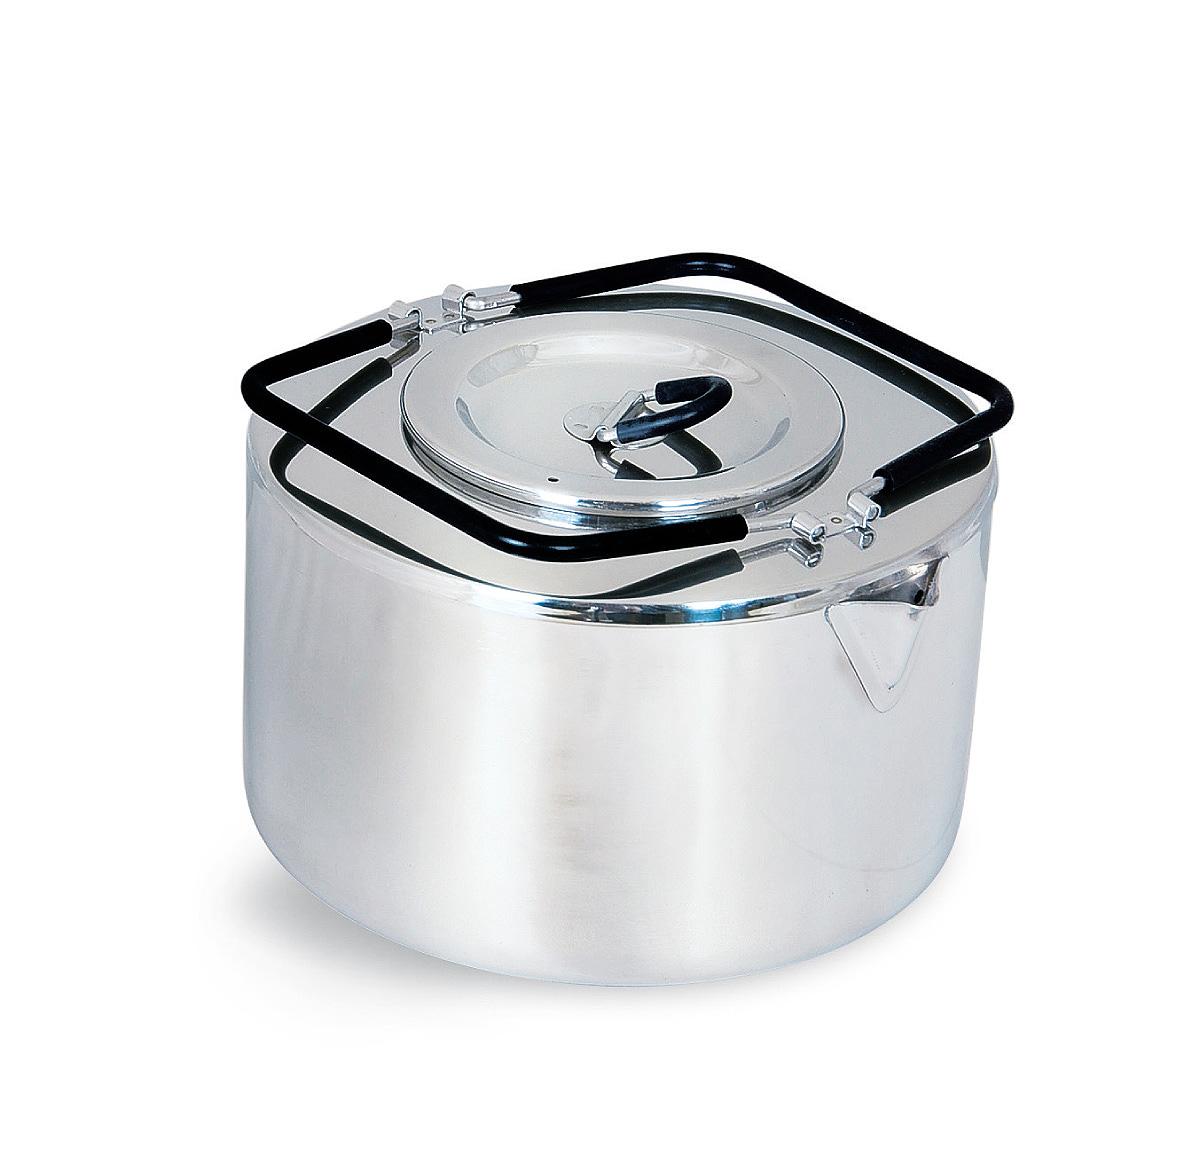 Чайник походный Tatonka Teapot, 2,5 л4011.000Чайник Tatonka Teapot из нержавеющей стали с термоизолированными ручками и компактным дизайном. Замечательно подходит для использования дома и на выезде. В комплекте ситечко из нержавеющей стали. Преимущества и особенности: Высококачественная нержавеющая сталь. Складные термоизолированные ручки. Крышка со складной термоизолированной ручкой. Компактный дизайн. Ситечко из нержавеющей стали. Диаметр чайника: 18 см. Высота чайника: 10 см.